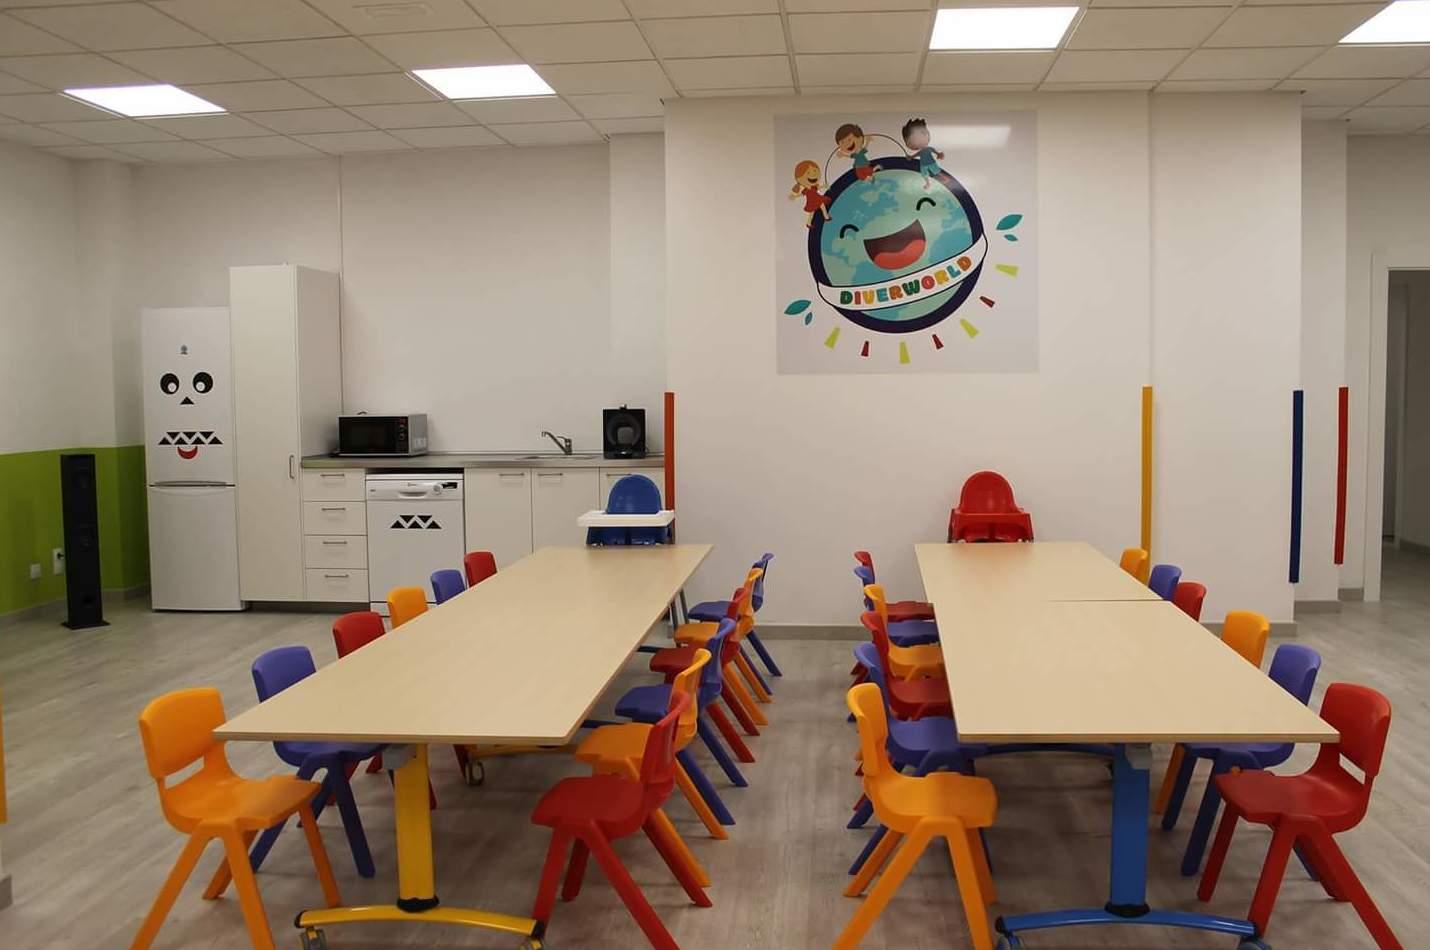 Foto 1 de Parques infantiles en Zaragoza | Diverworld